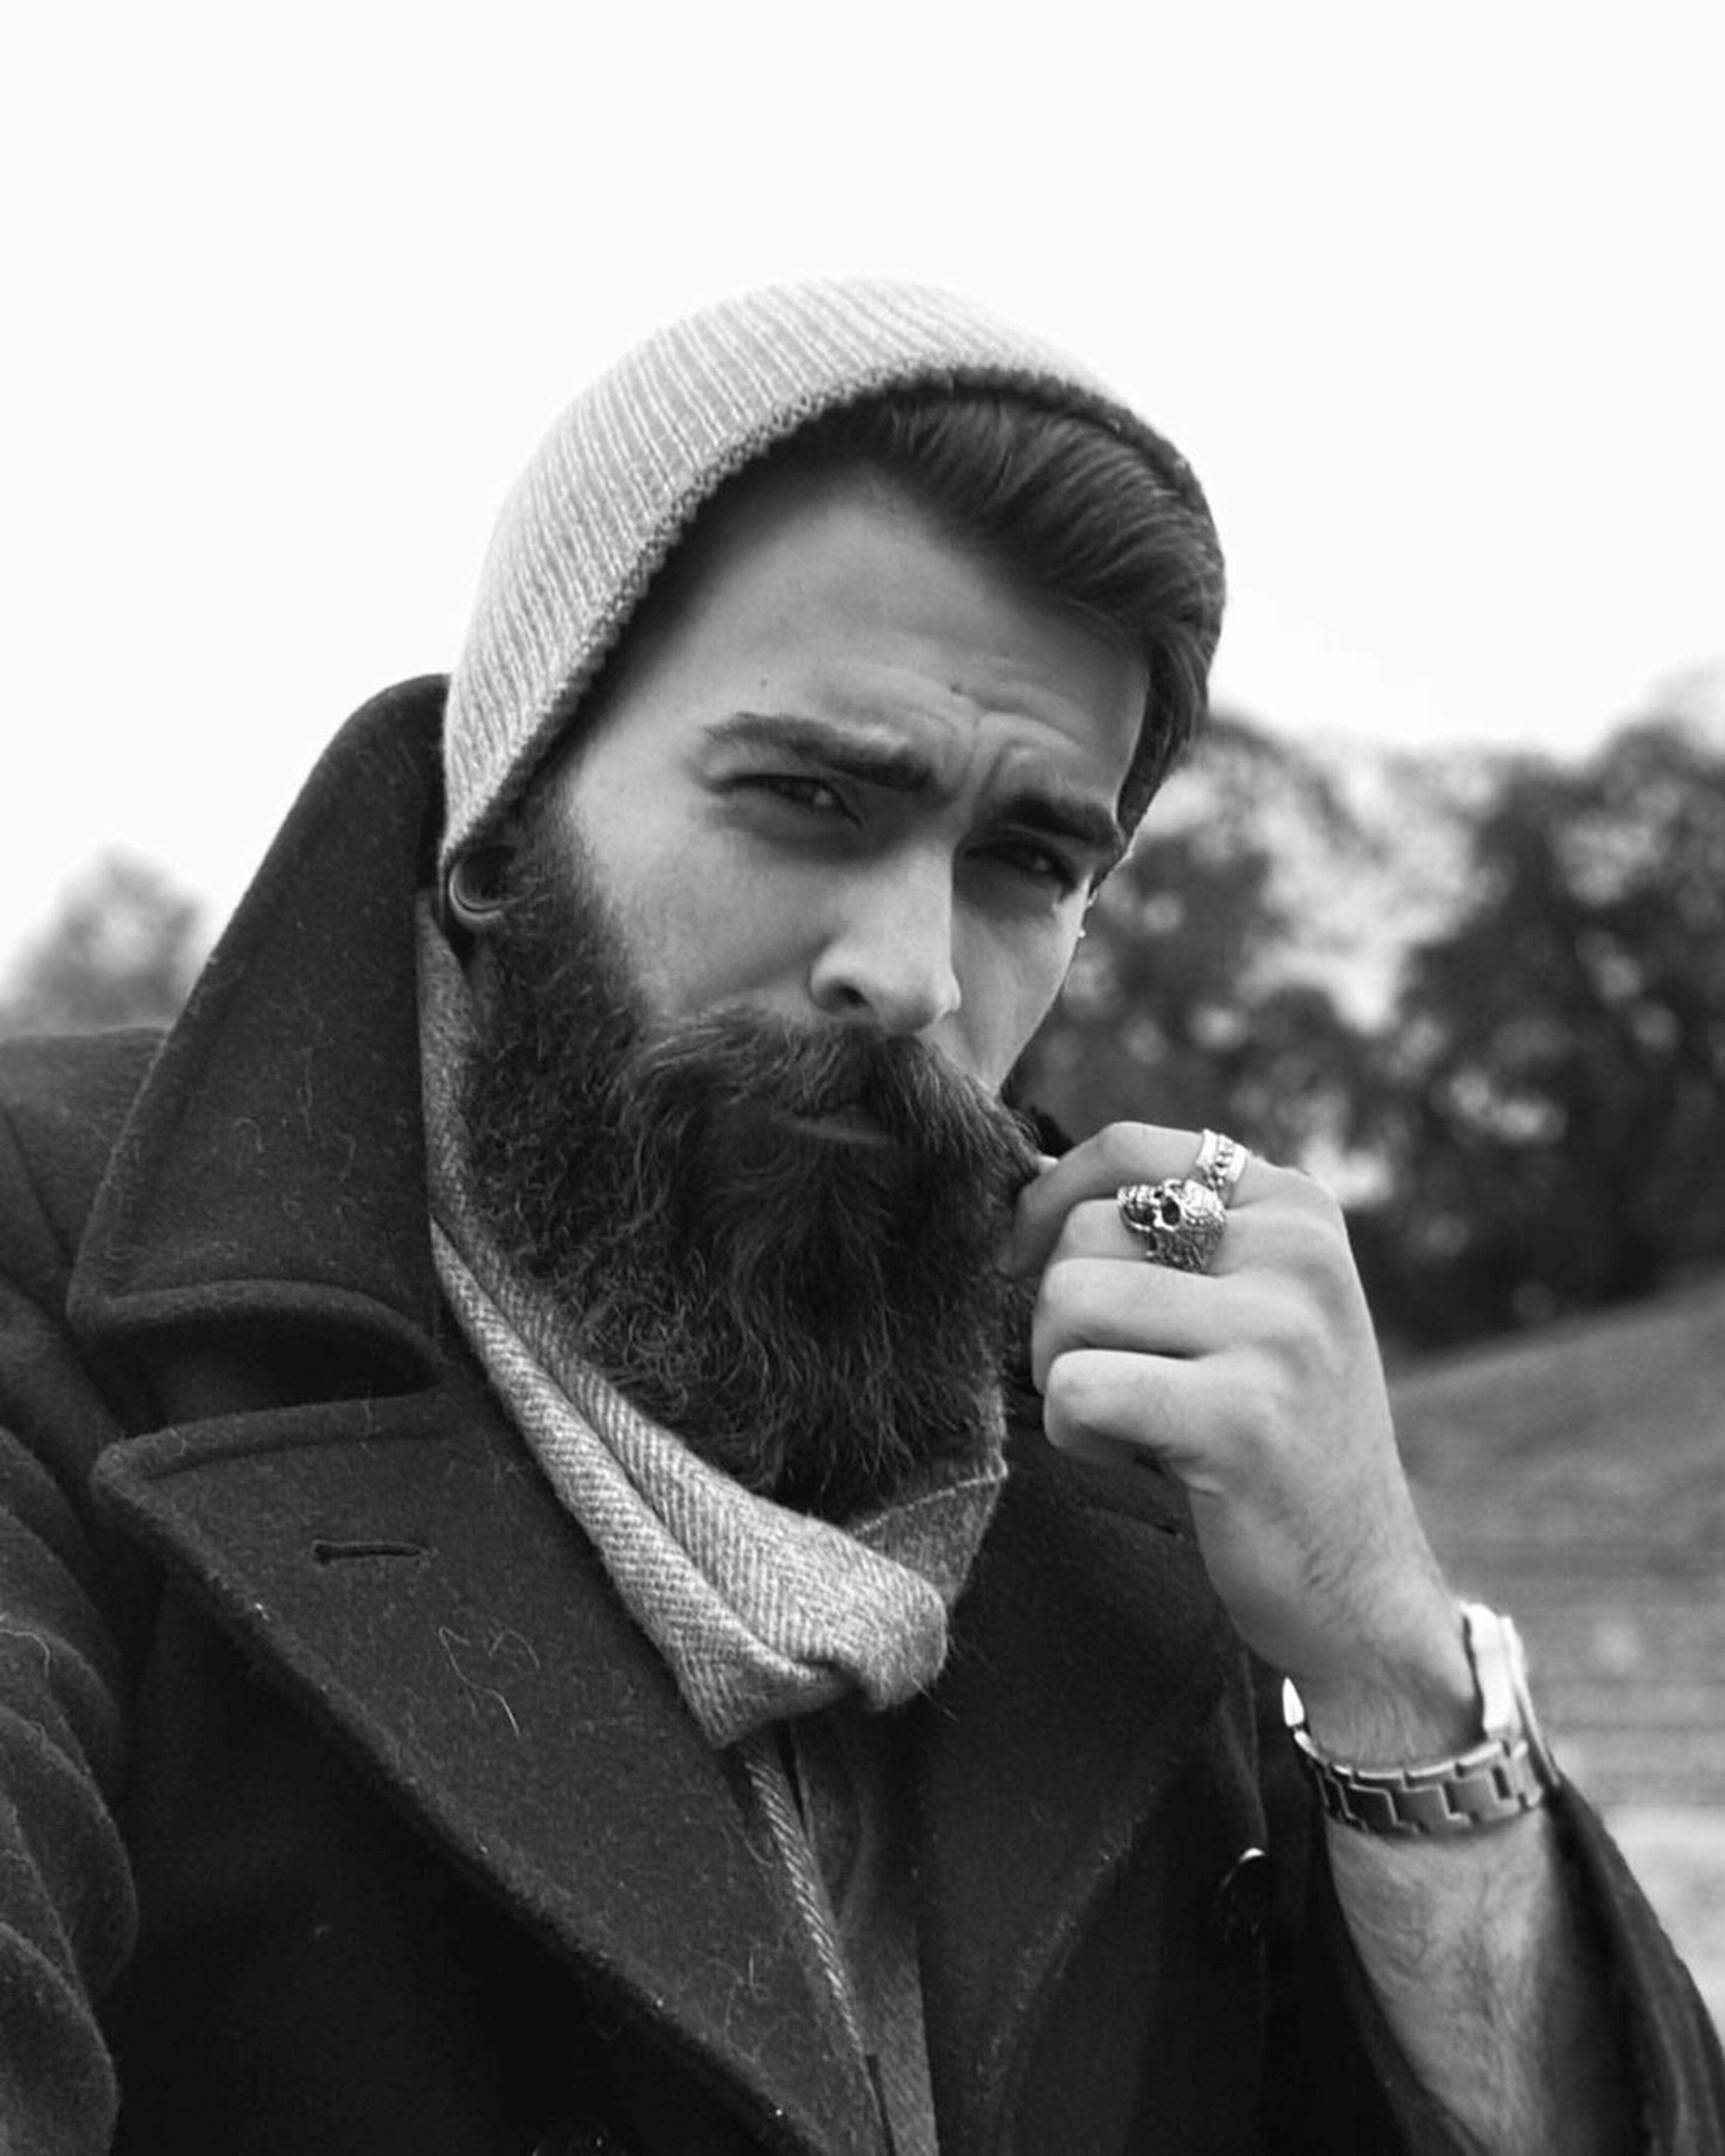 A long neat beard male look.